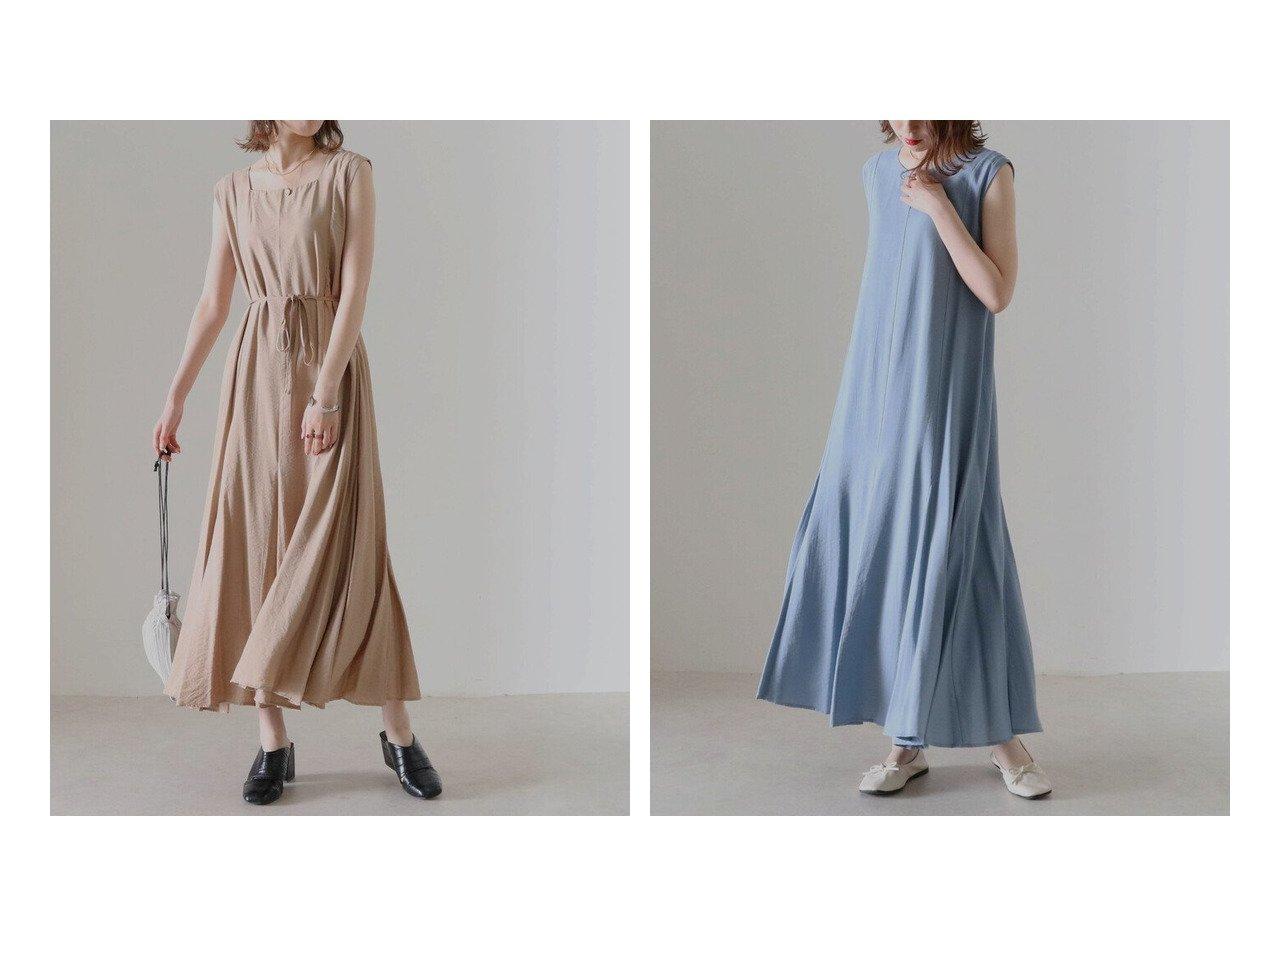 【Cheek/チーク】の麻調パネルフレア2WAYワンピース おすすめ!人気、トレンド・レディースファッションの通販 おすすめで人気の流行・トレンド、ファッションの通販商品 インテリア・家具・メンズファッション・キッズファッション・レディースファッション・服の通販 founy(ファニー) https://founy.com/ ファッション Fashion レディースファッション WOMEN ワンピース Dress アクセサリー インナー カーディガン サンダル シンプル スクエア ストライプ デコルテ フレア ブラウジング マキシ 無地 リゾート リボン ロング 再入荷 Restock/Back in Stock/Re Arrival おすすめ Recommend 夏 Summer  ID:crp329100000062504